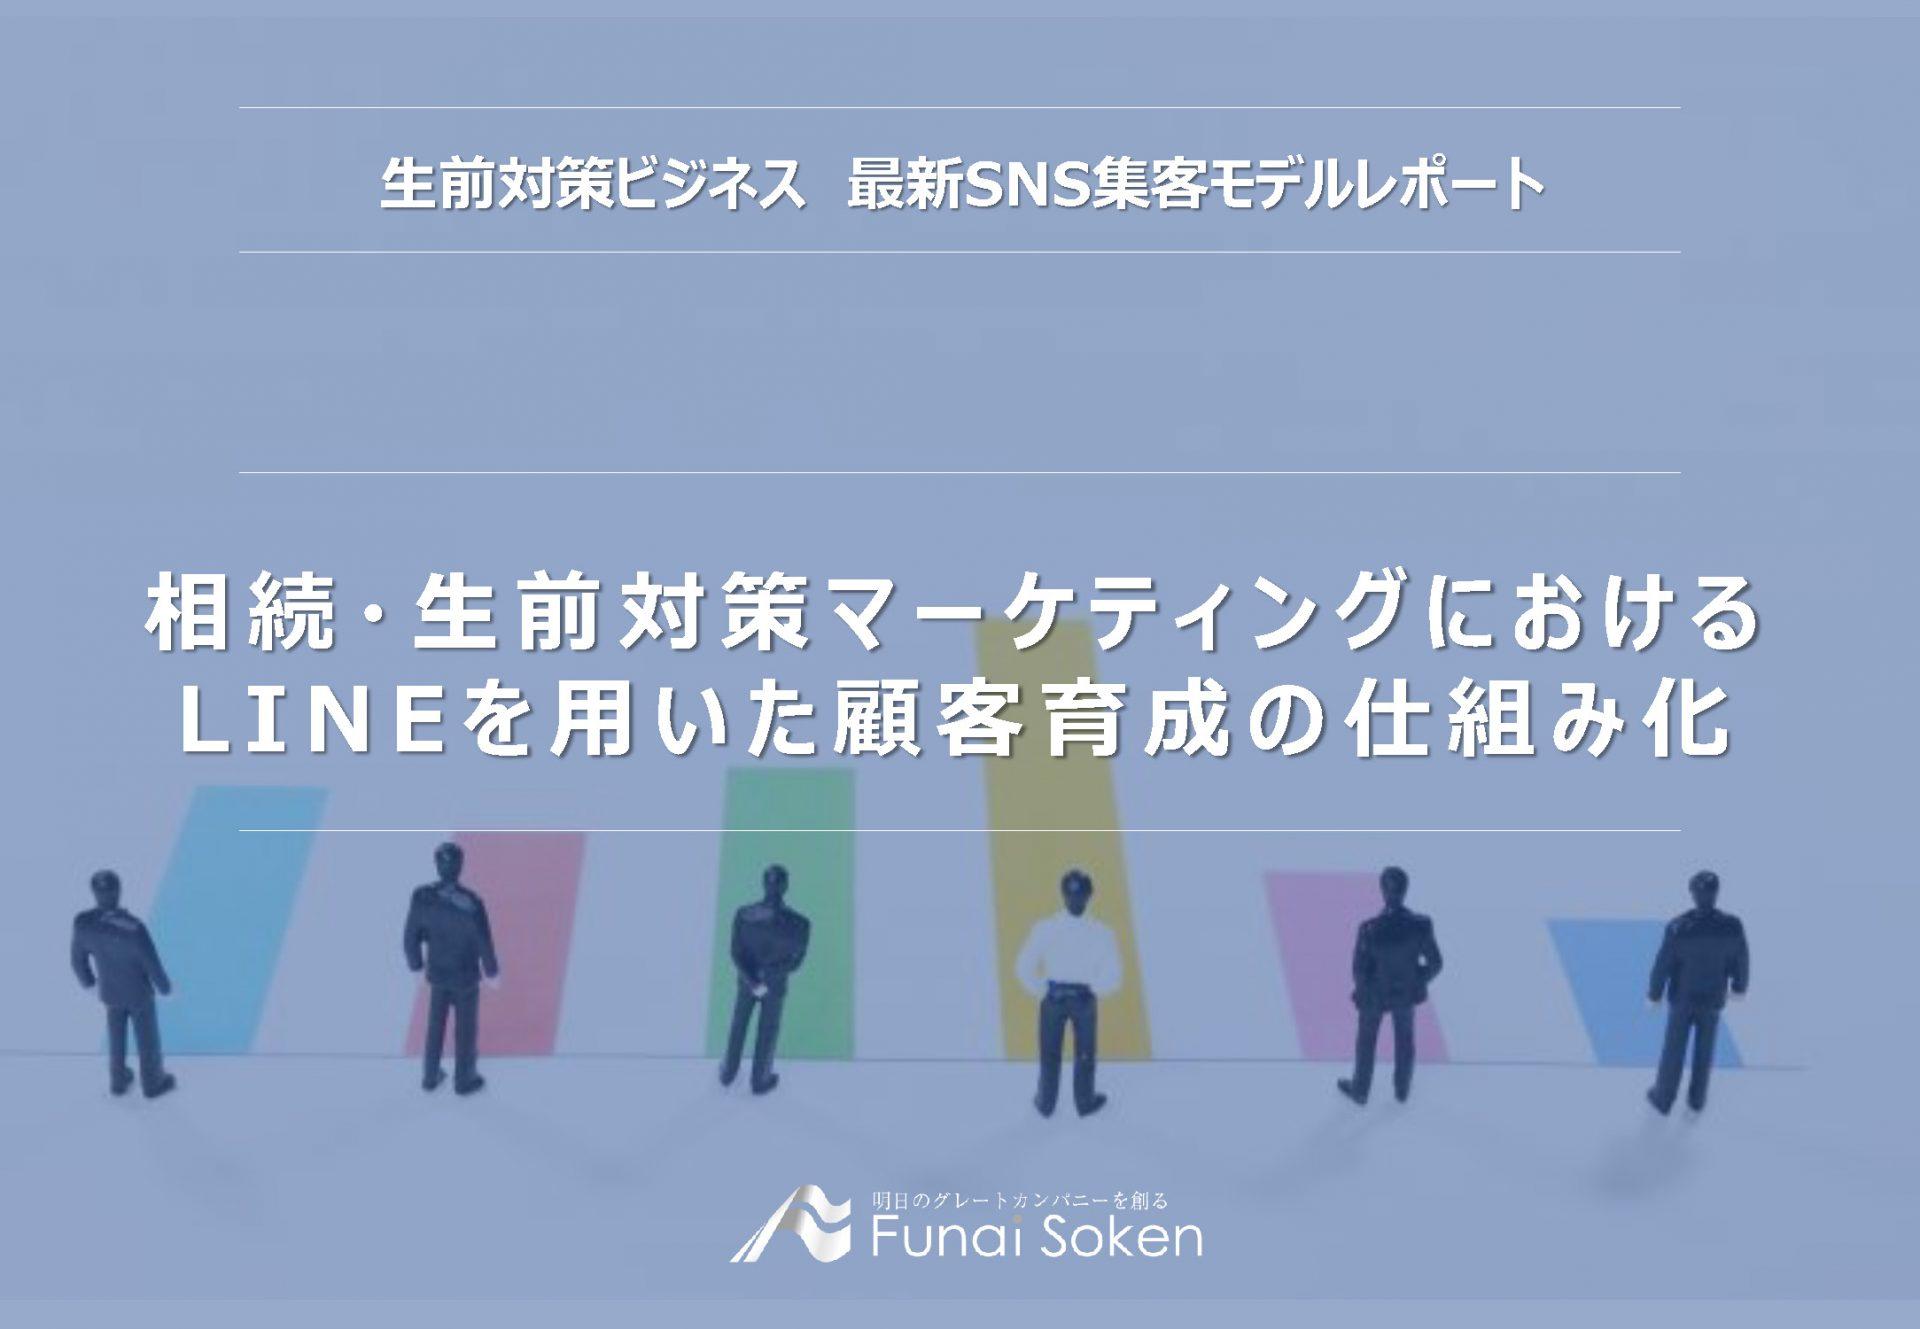 【最新】LINEを用いたマーケティング! イメージ